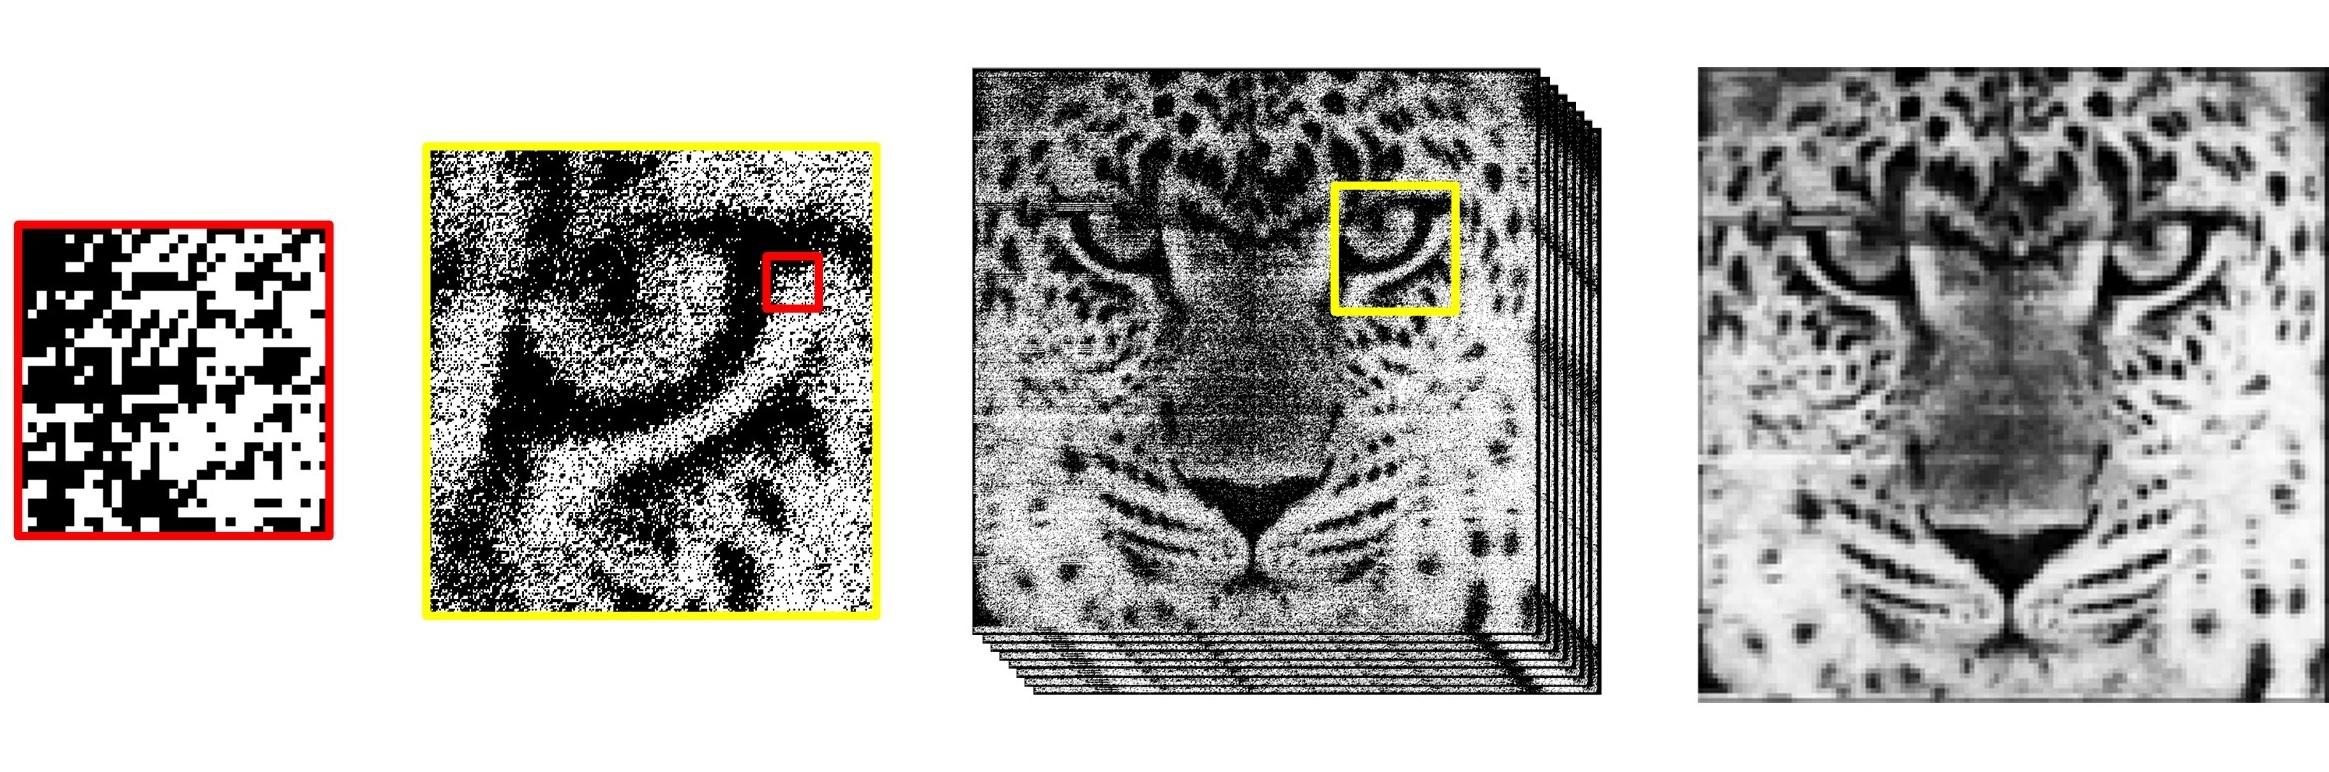 quanta-image-sensor